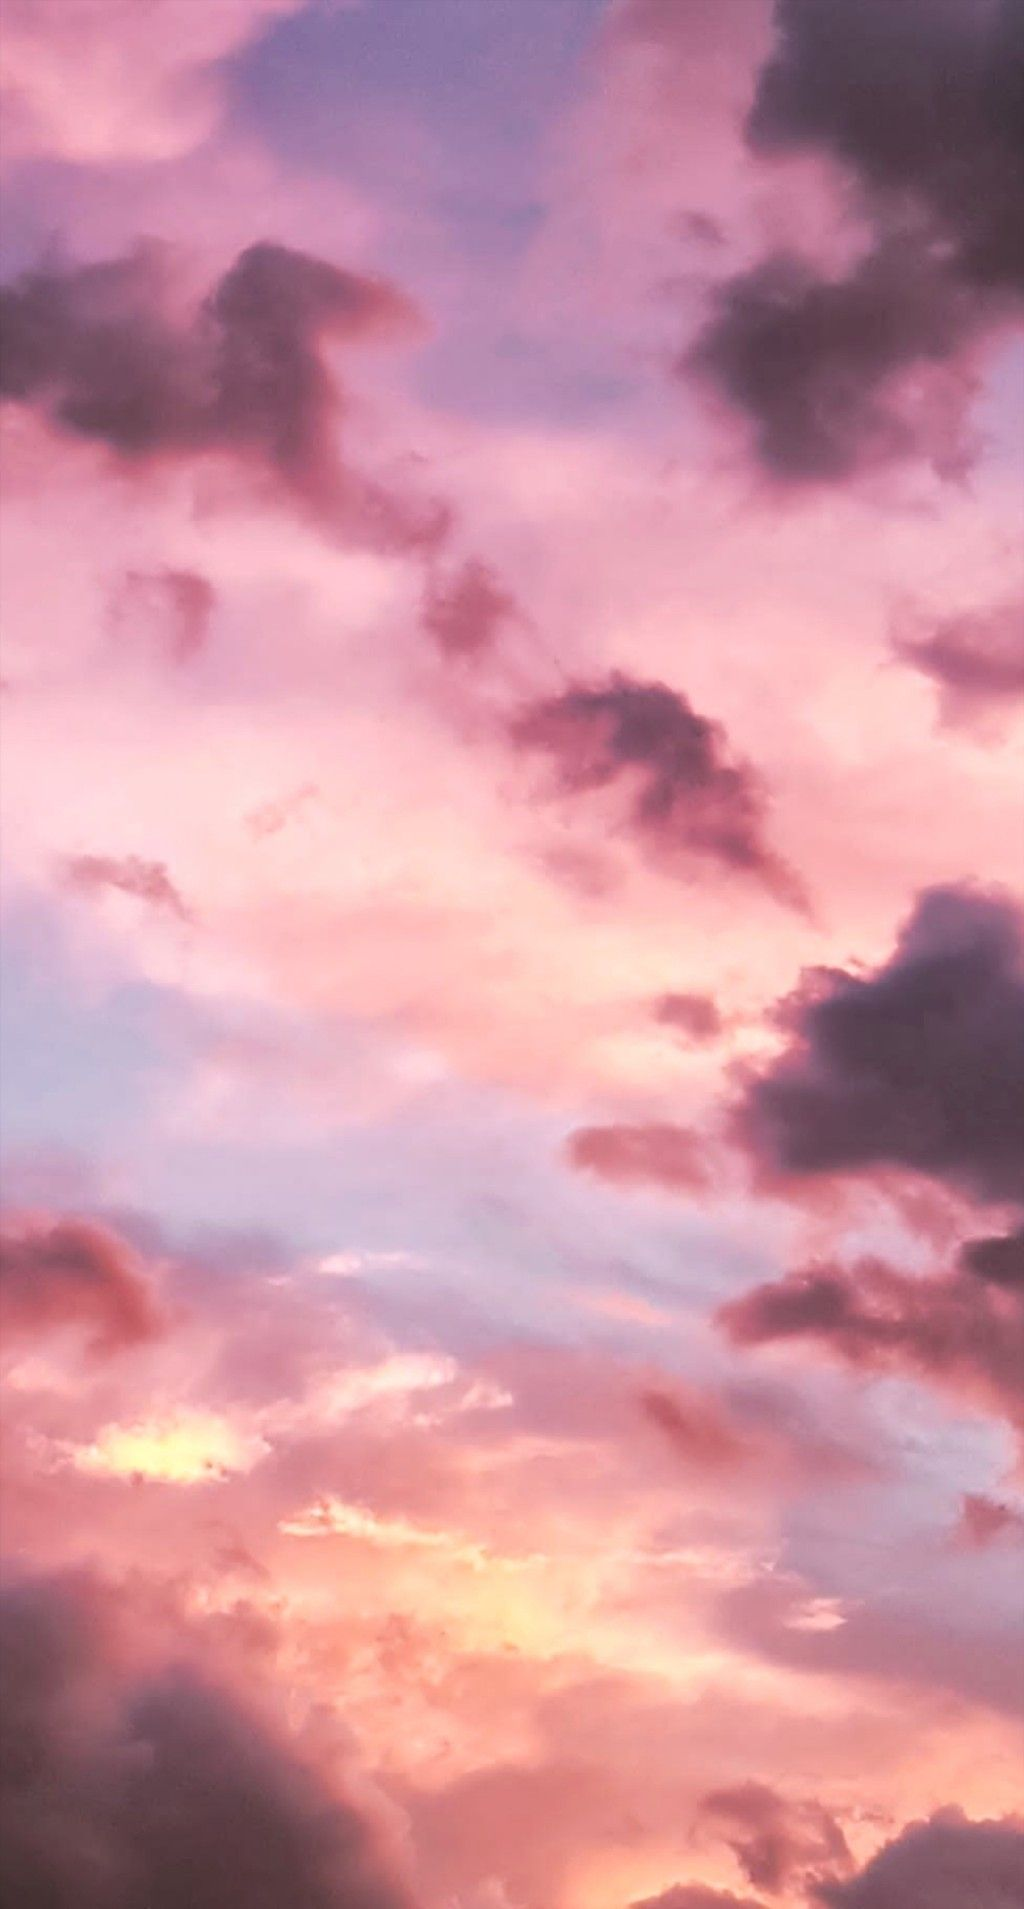 Pink Sky Wallpaper Pemandangan Pemandangan Abstrak Gambar Menakjubkan